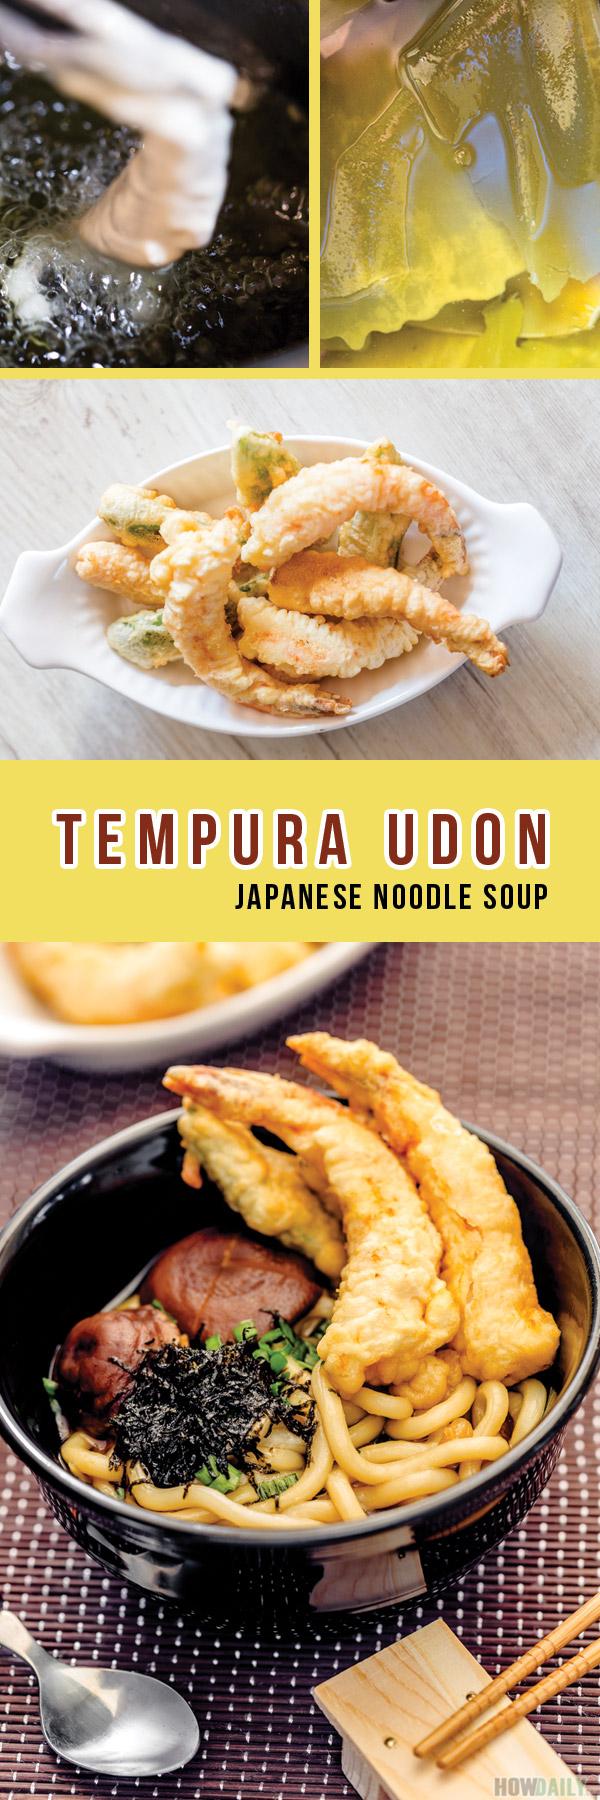 Japanese Tempura Udon Noodle Soup